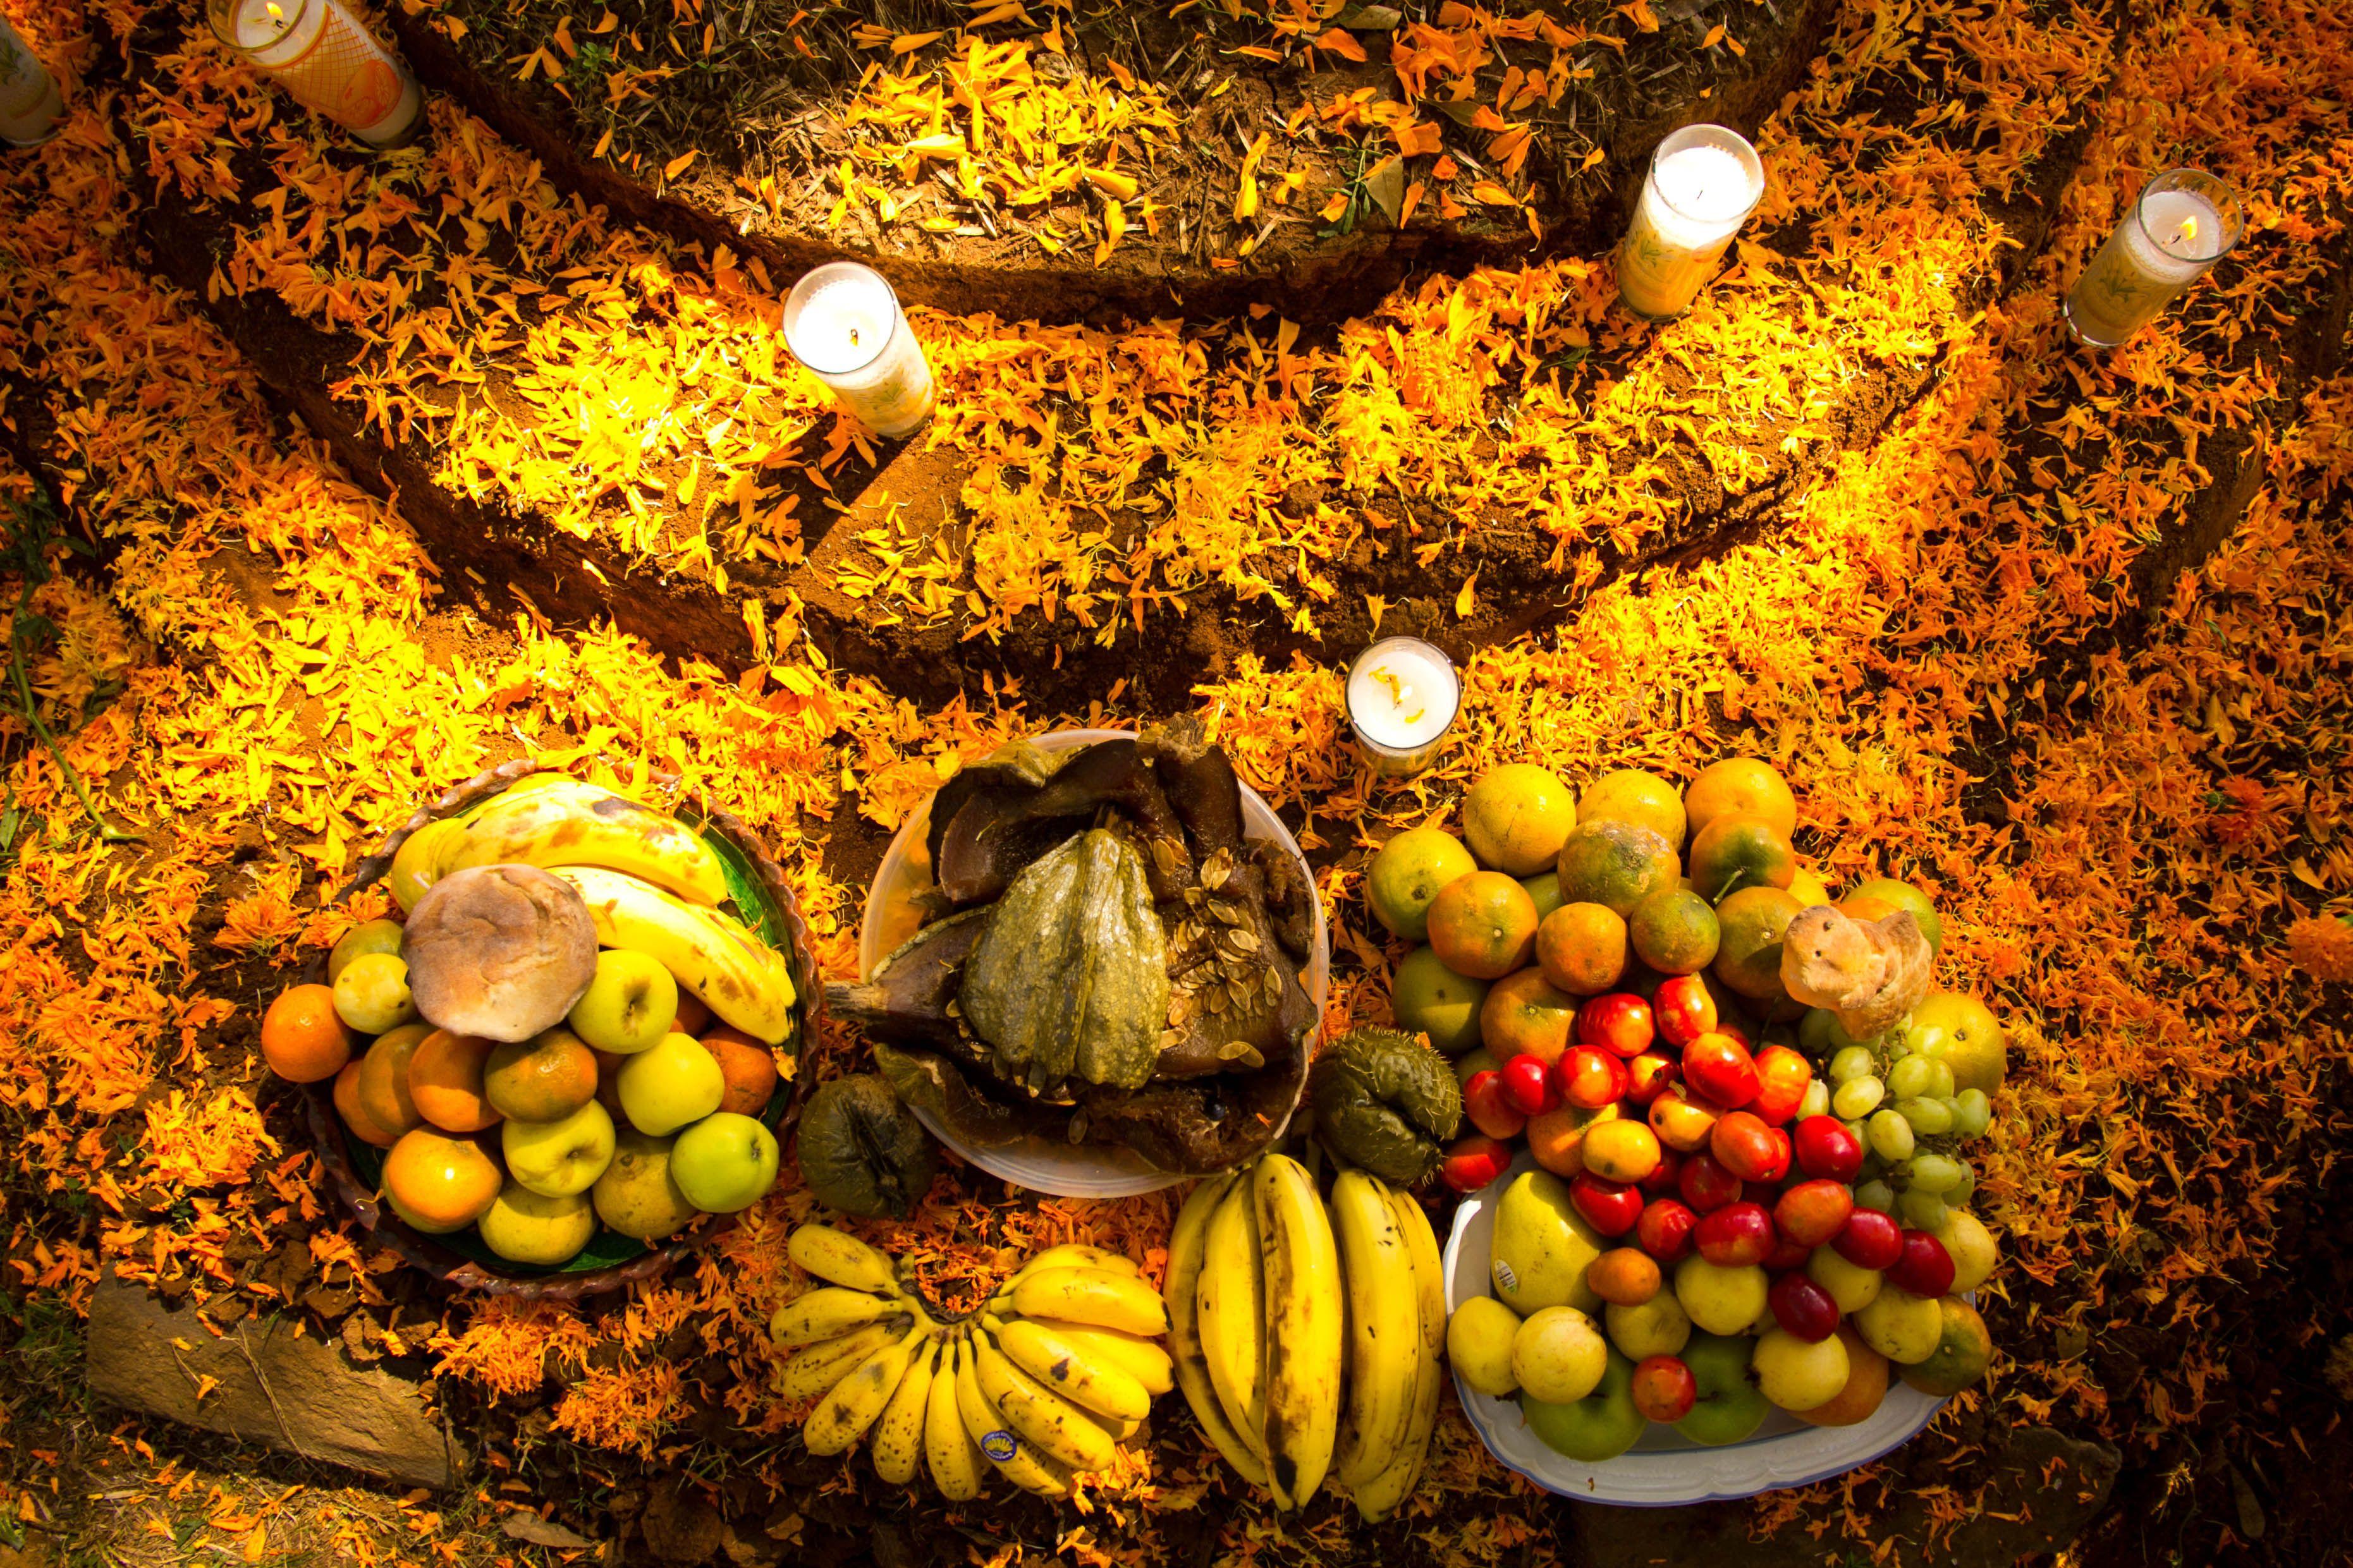 Foods for Day of the Dead (Dia de los Muertos)